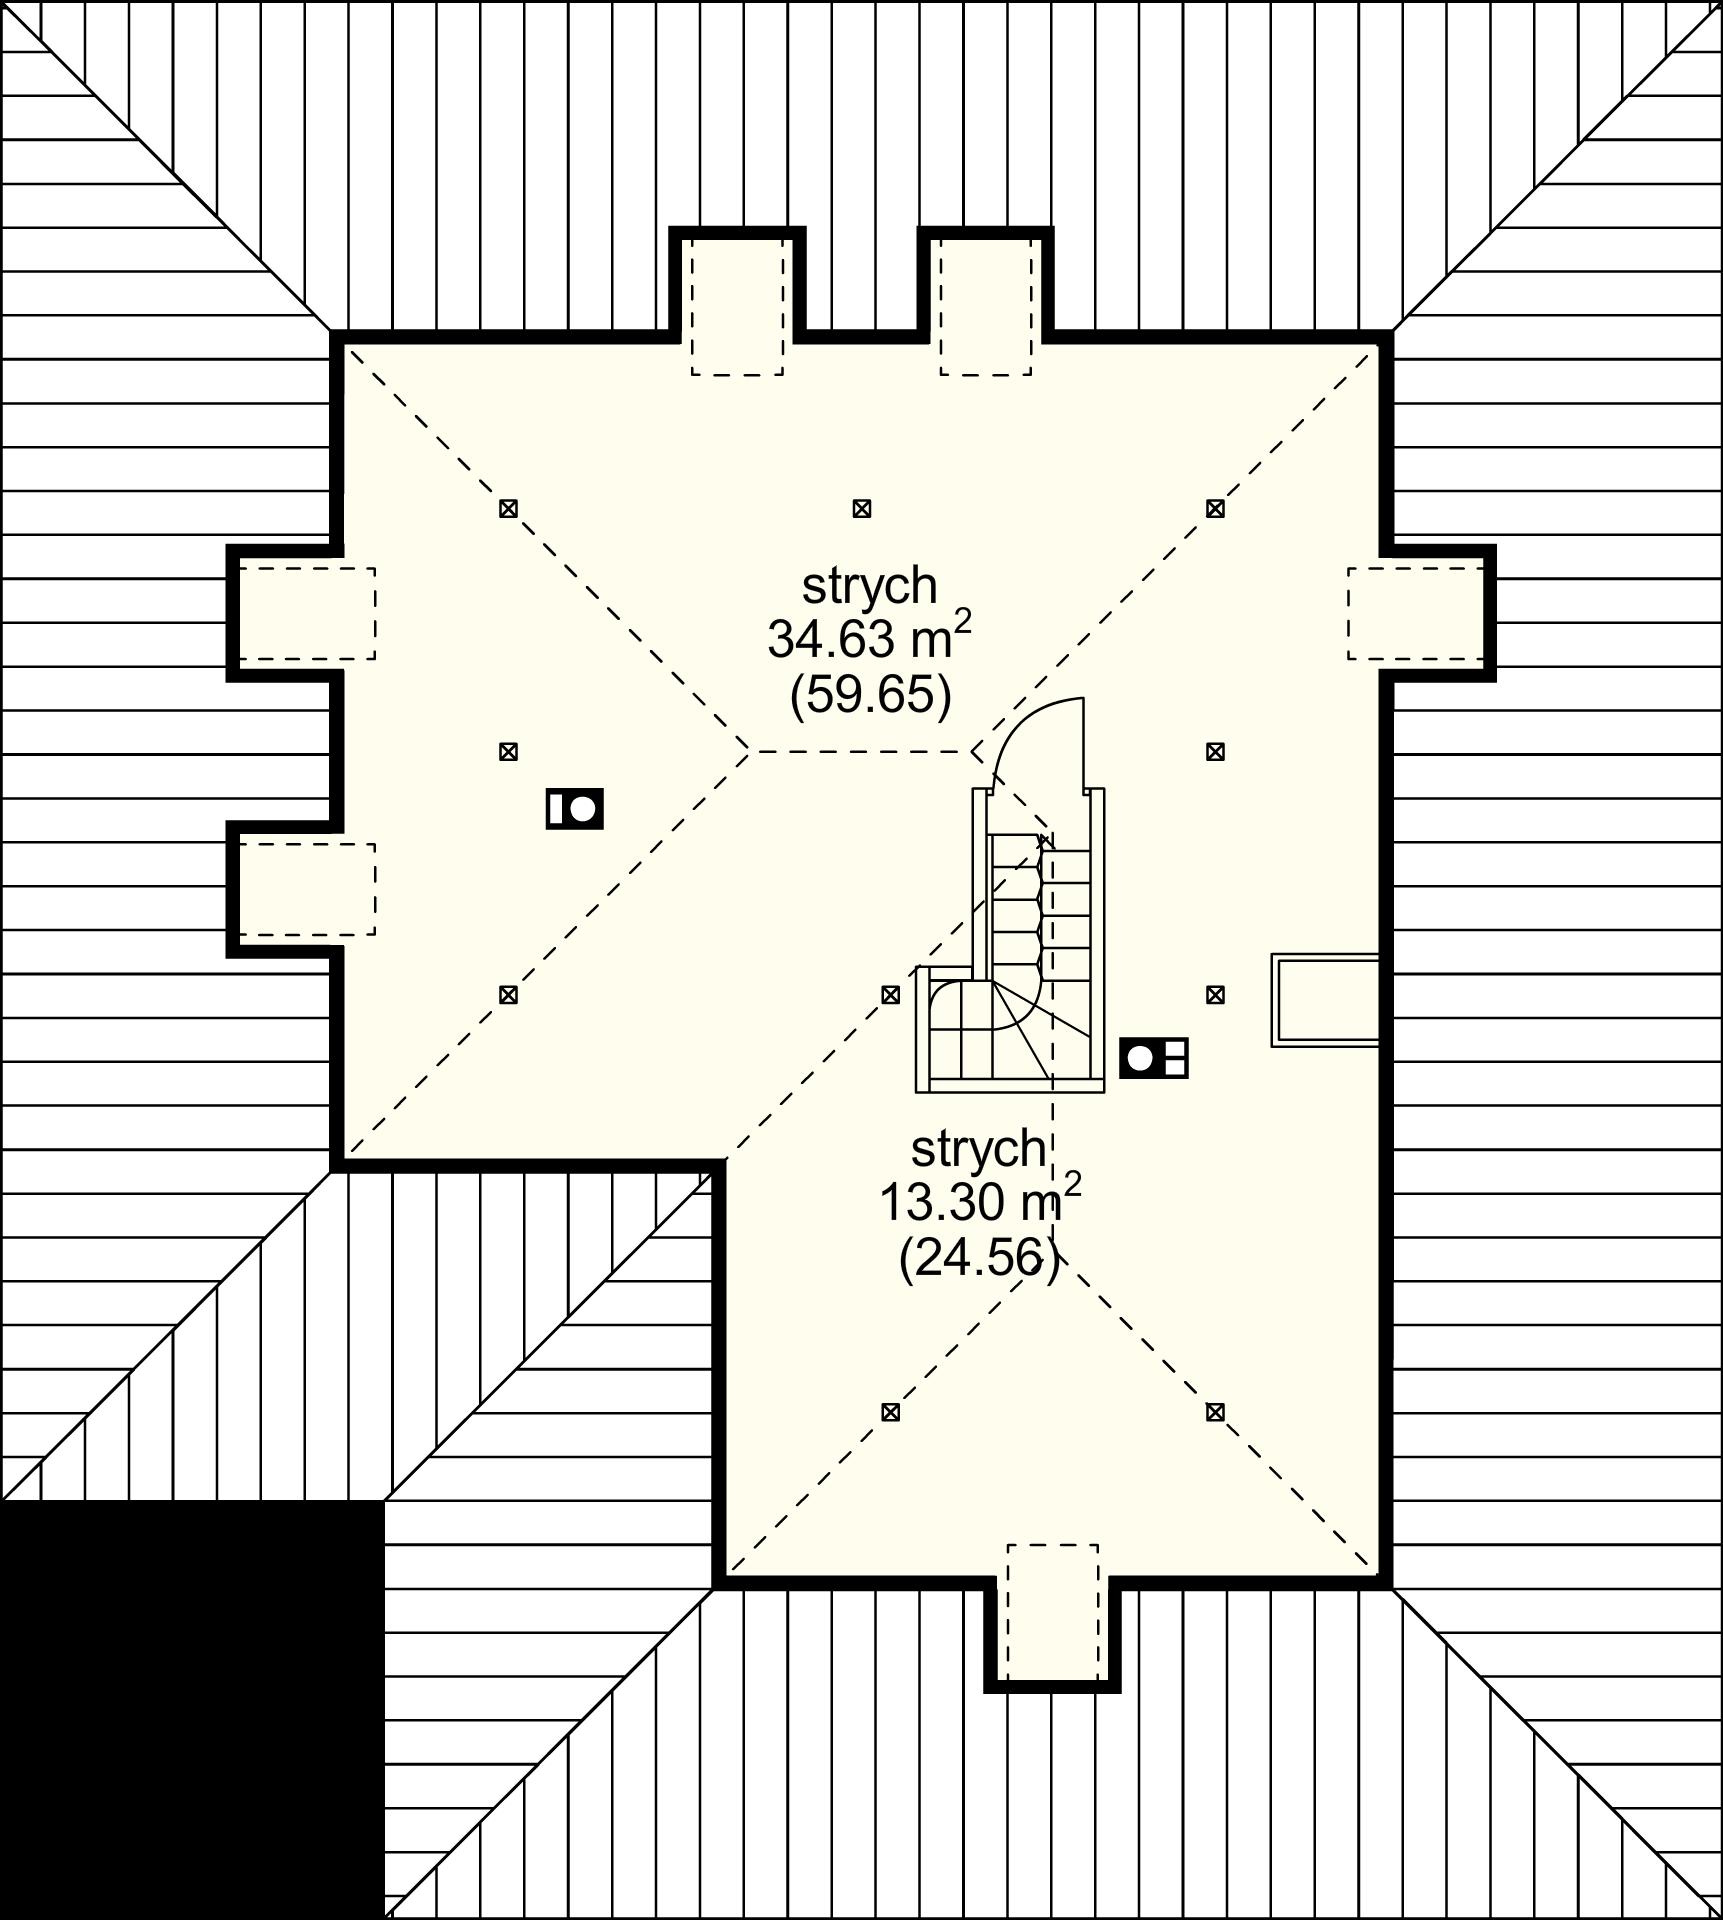 Strych (przykładowa aranżacja)